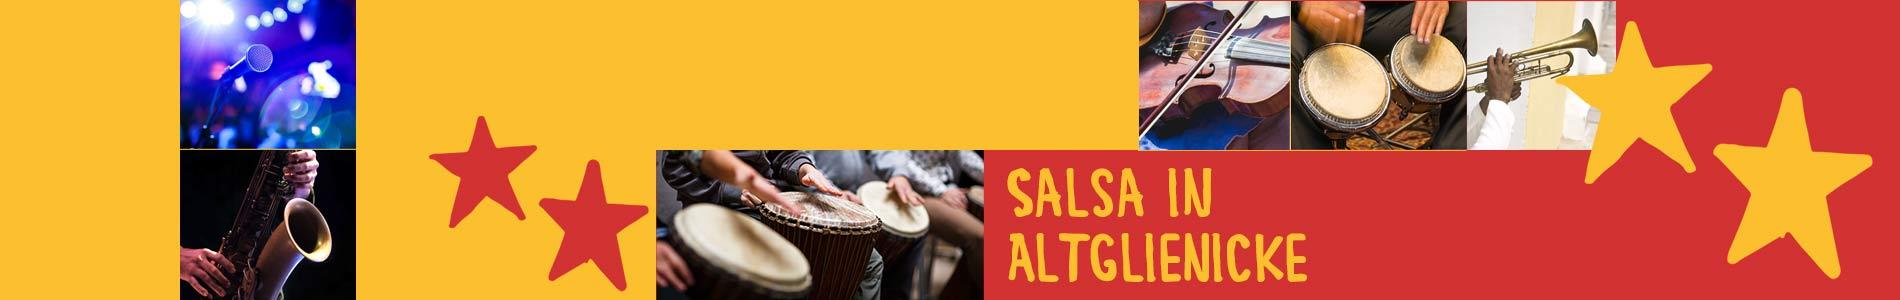 Salsa in Altglienicke – Salsa lernen und tanzen, Tanzkurse, Partys, Veranstaltungen